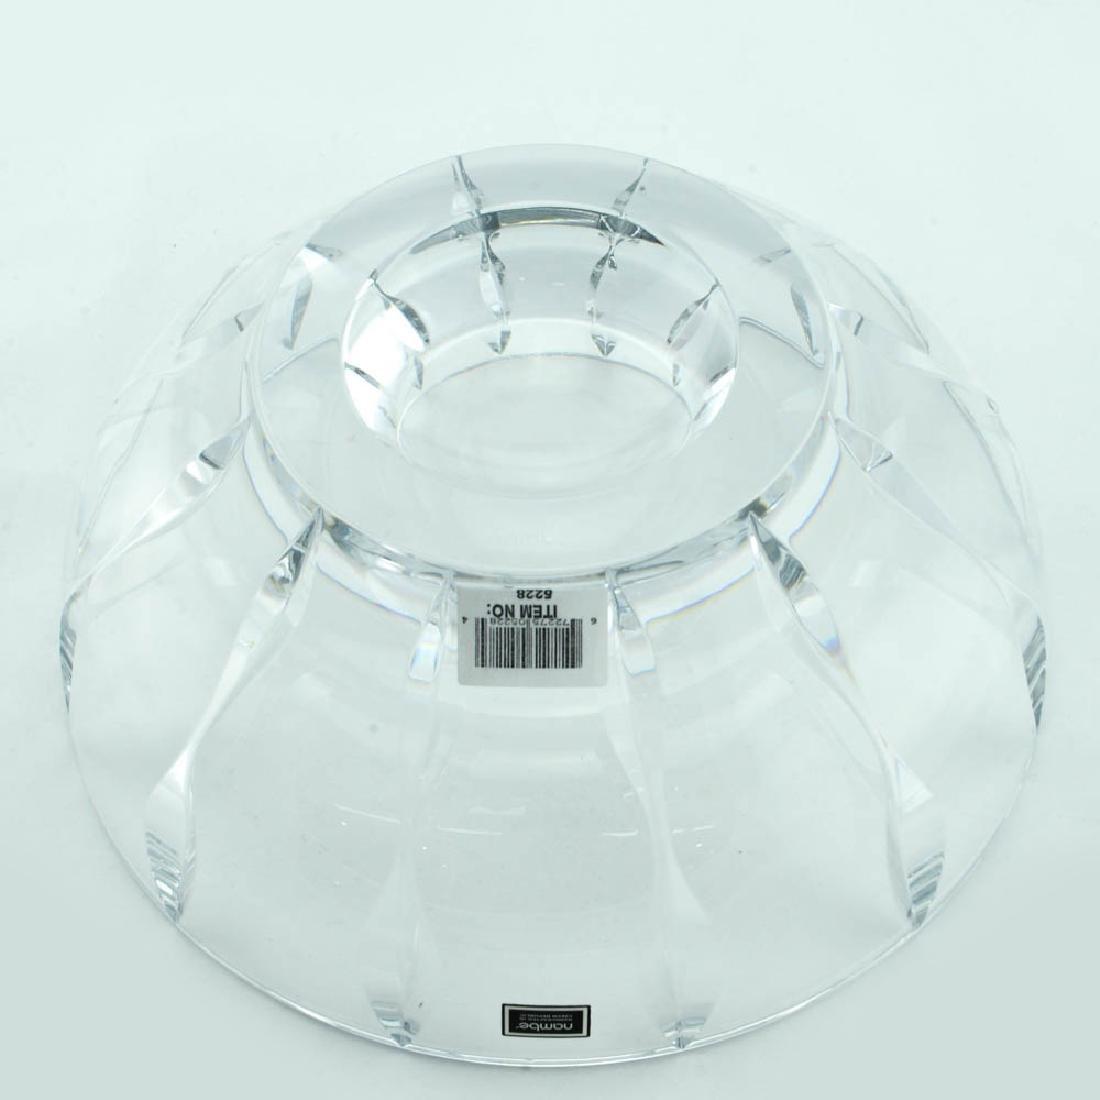 Zeisel Nambe Venus Lrg Crystal Bowl (2001) - 2